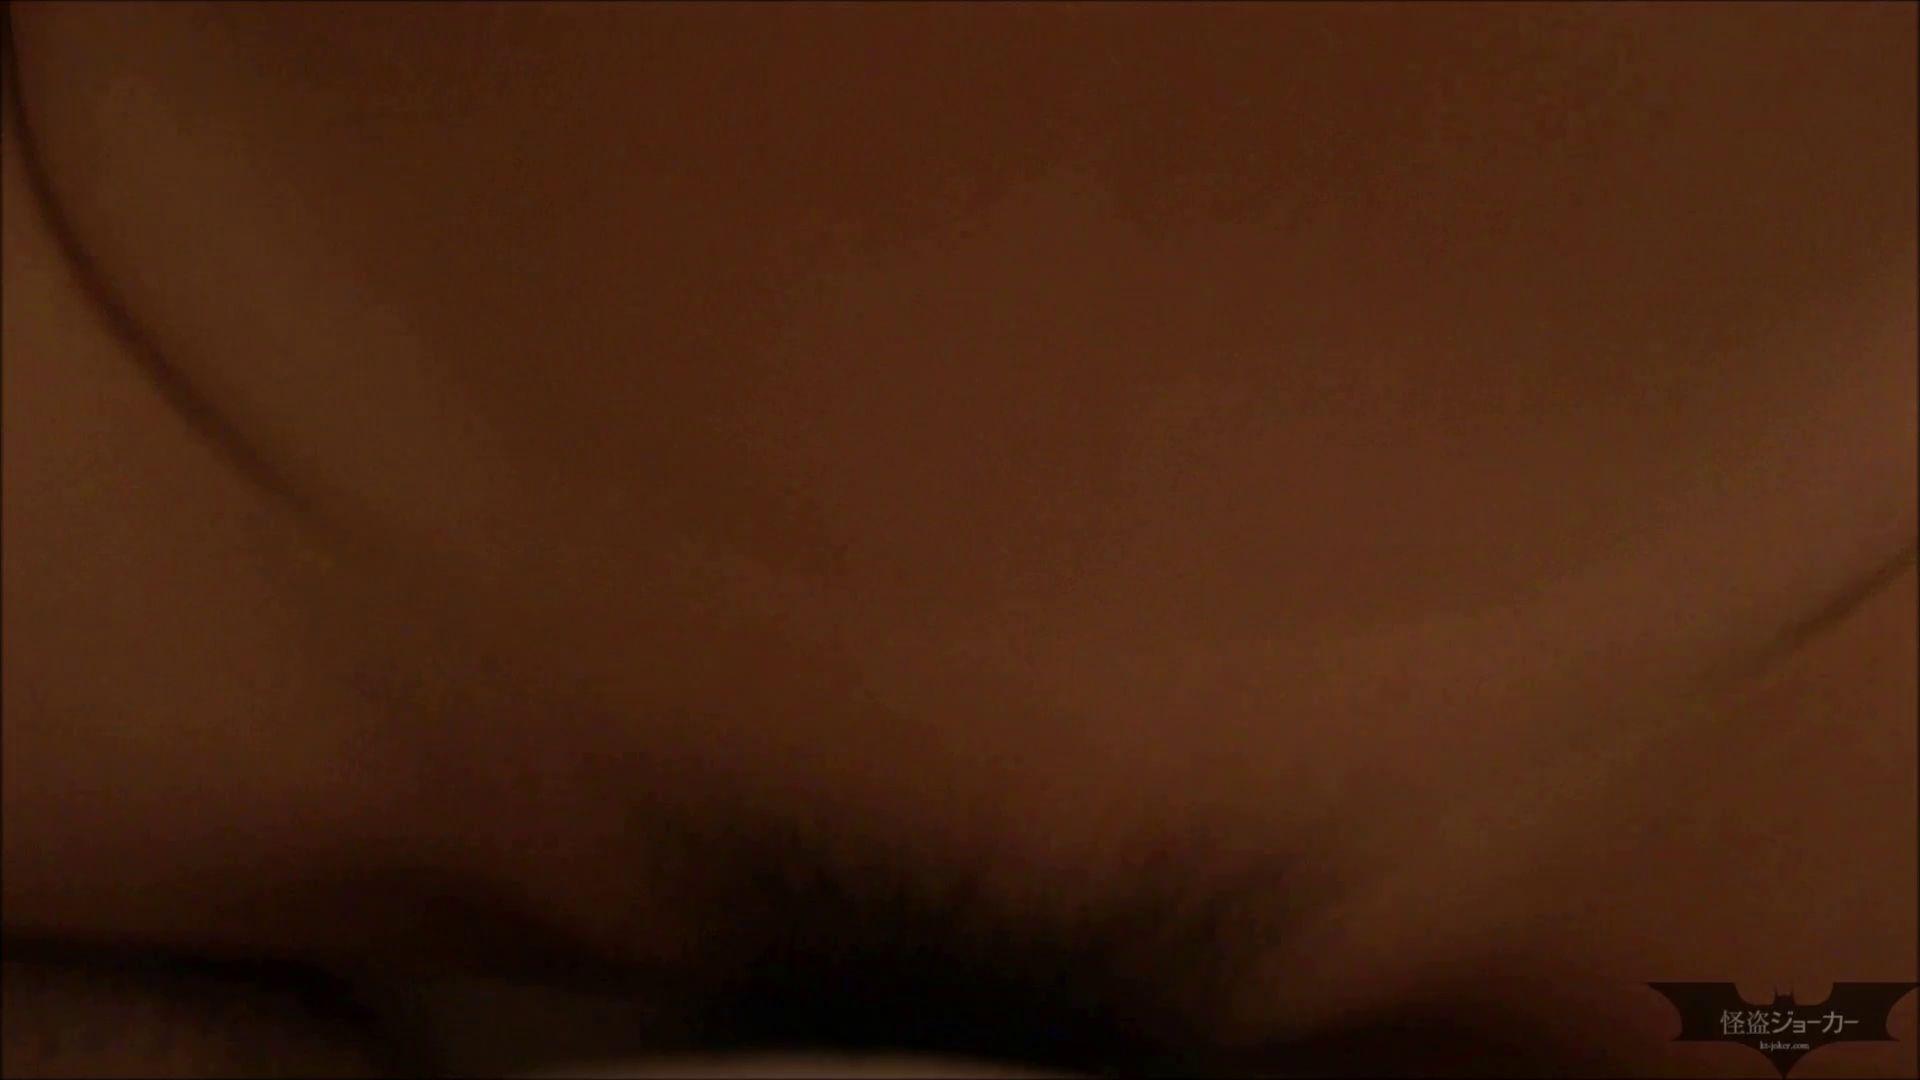 【未公開】vol.62【ユリナ】妊婦だったこの時、友人と共に母子をヤる。 グループエッチ ワレメ無修正動画無料 69画像 11